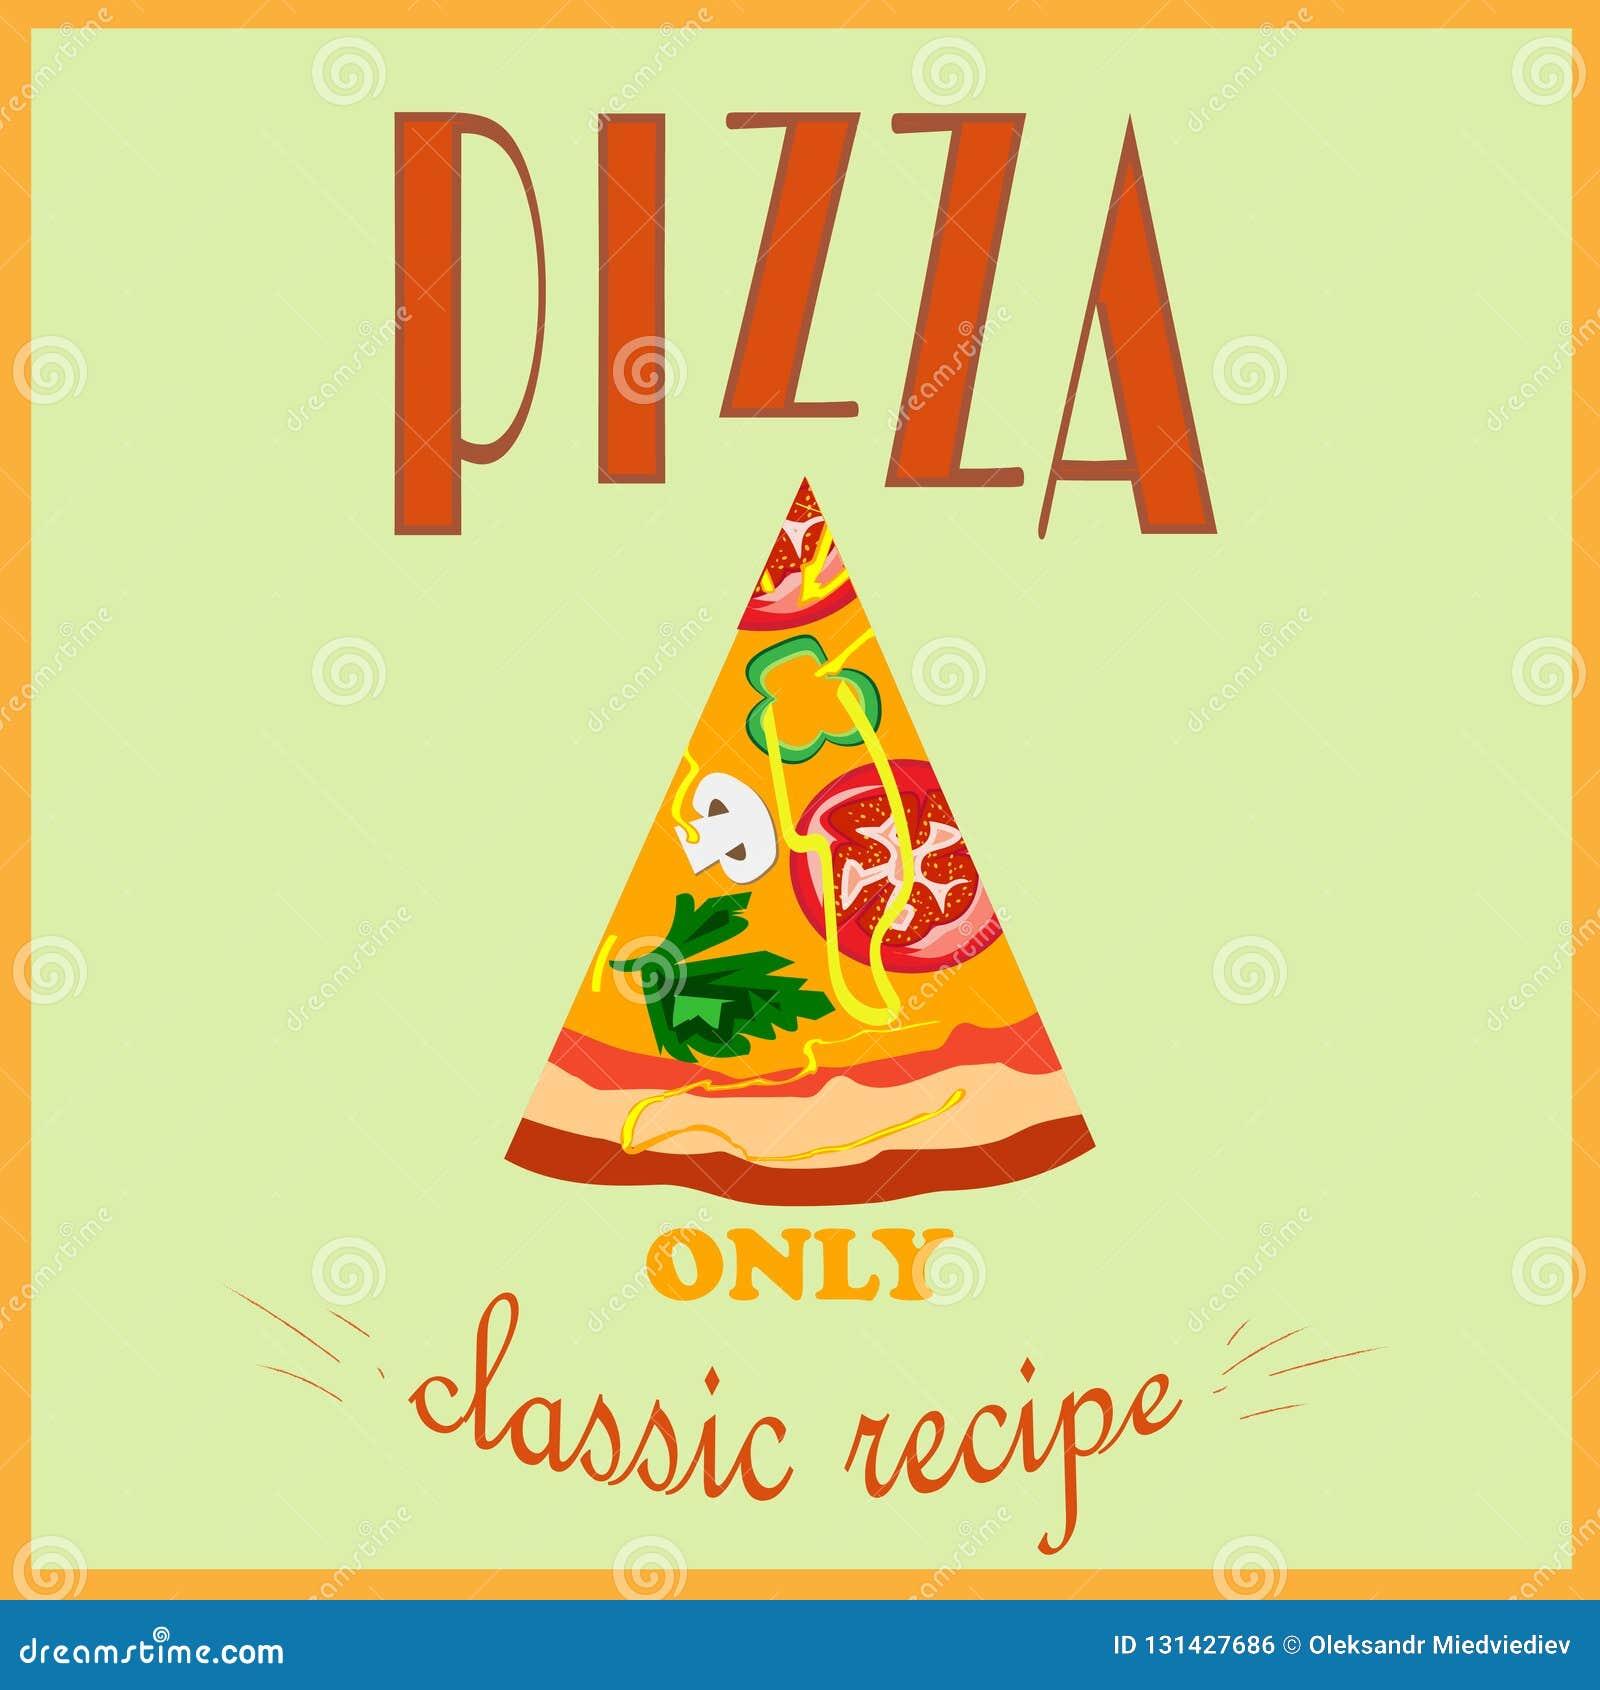 Cartel retro del estilo Publicidad de la pizza Solamente una receta clásica